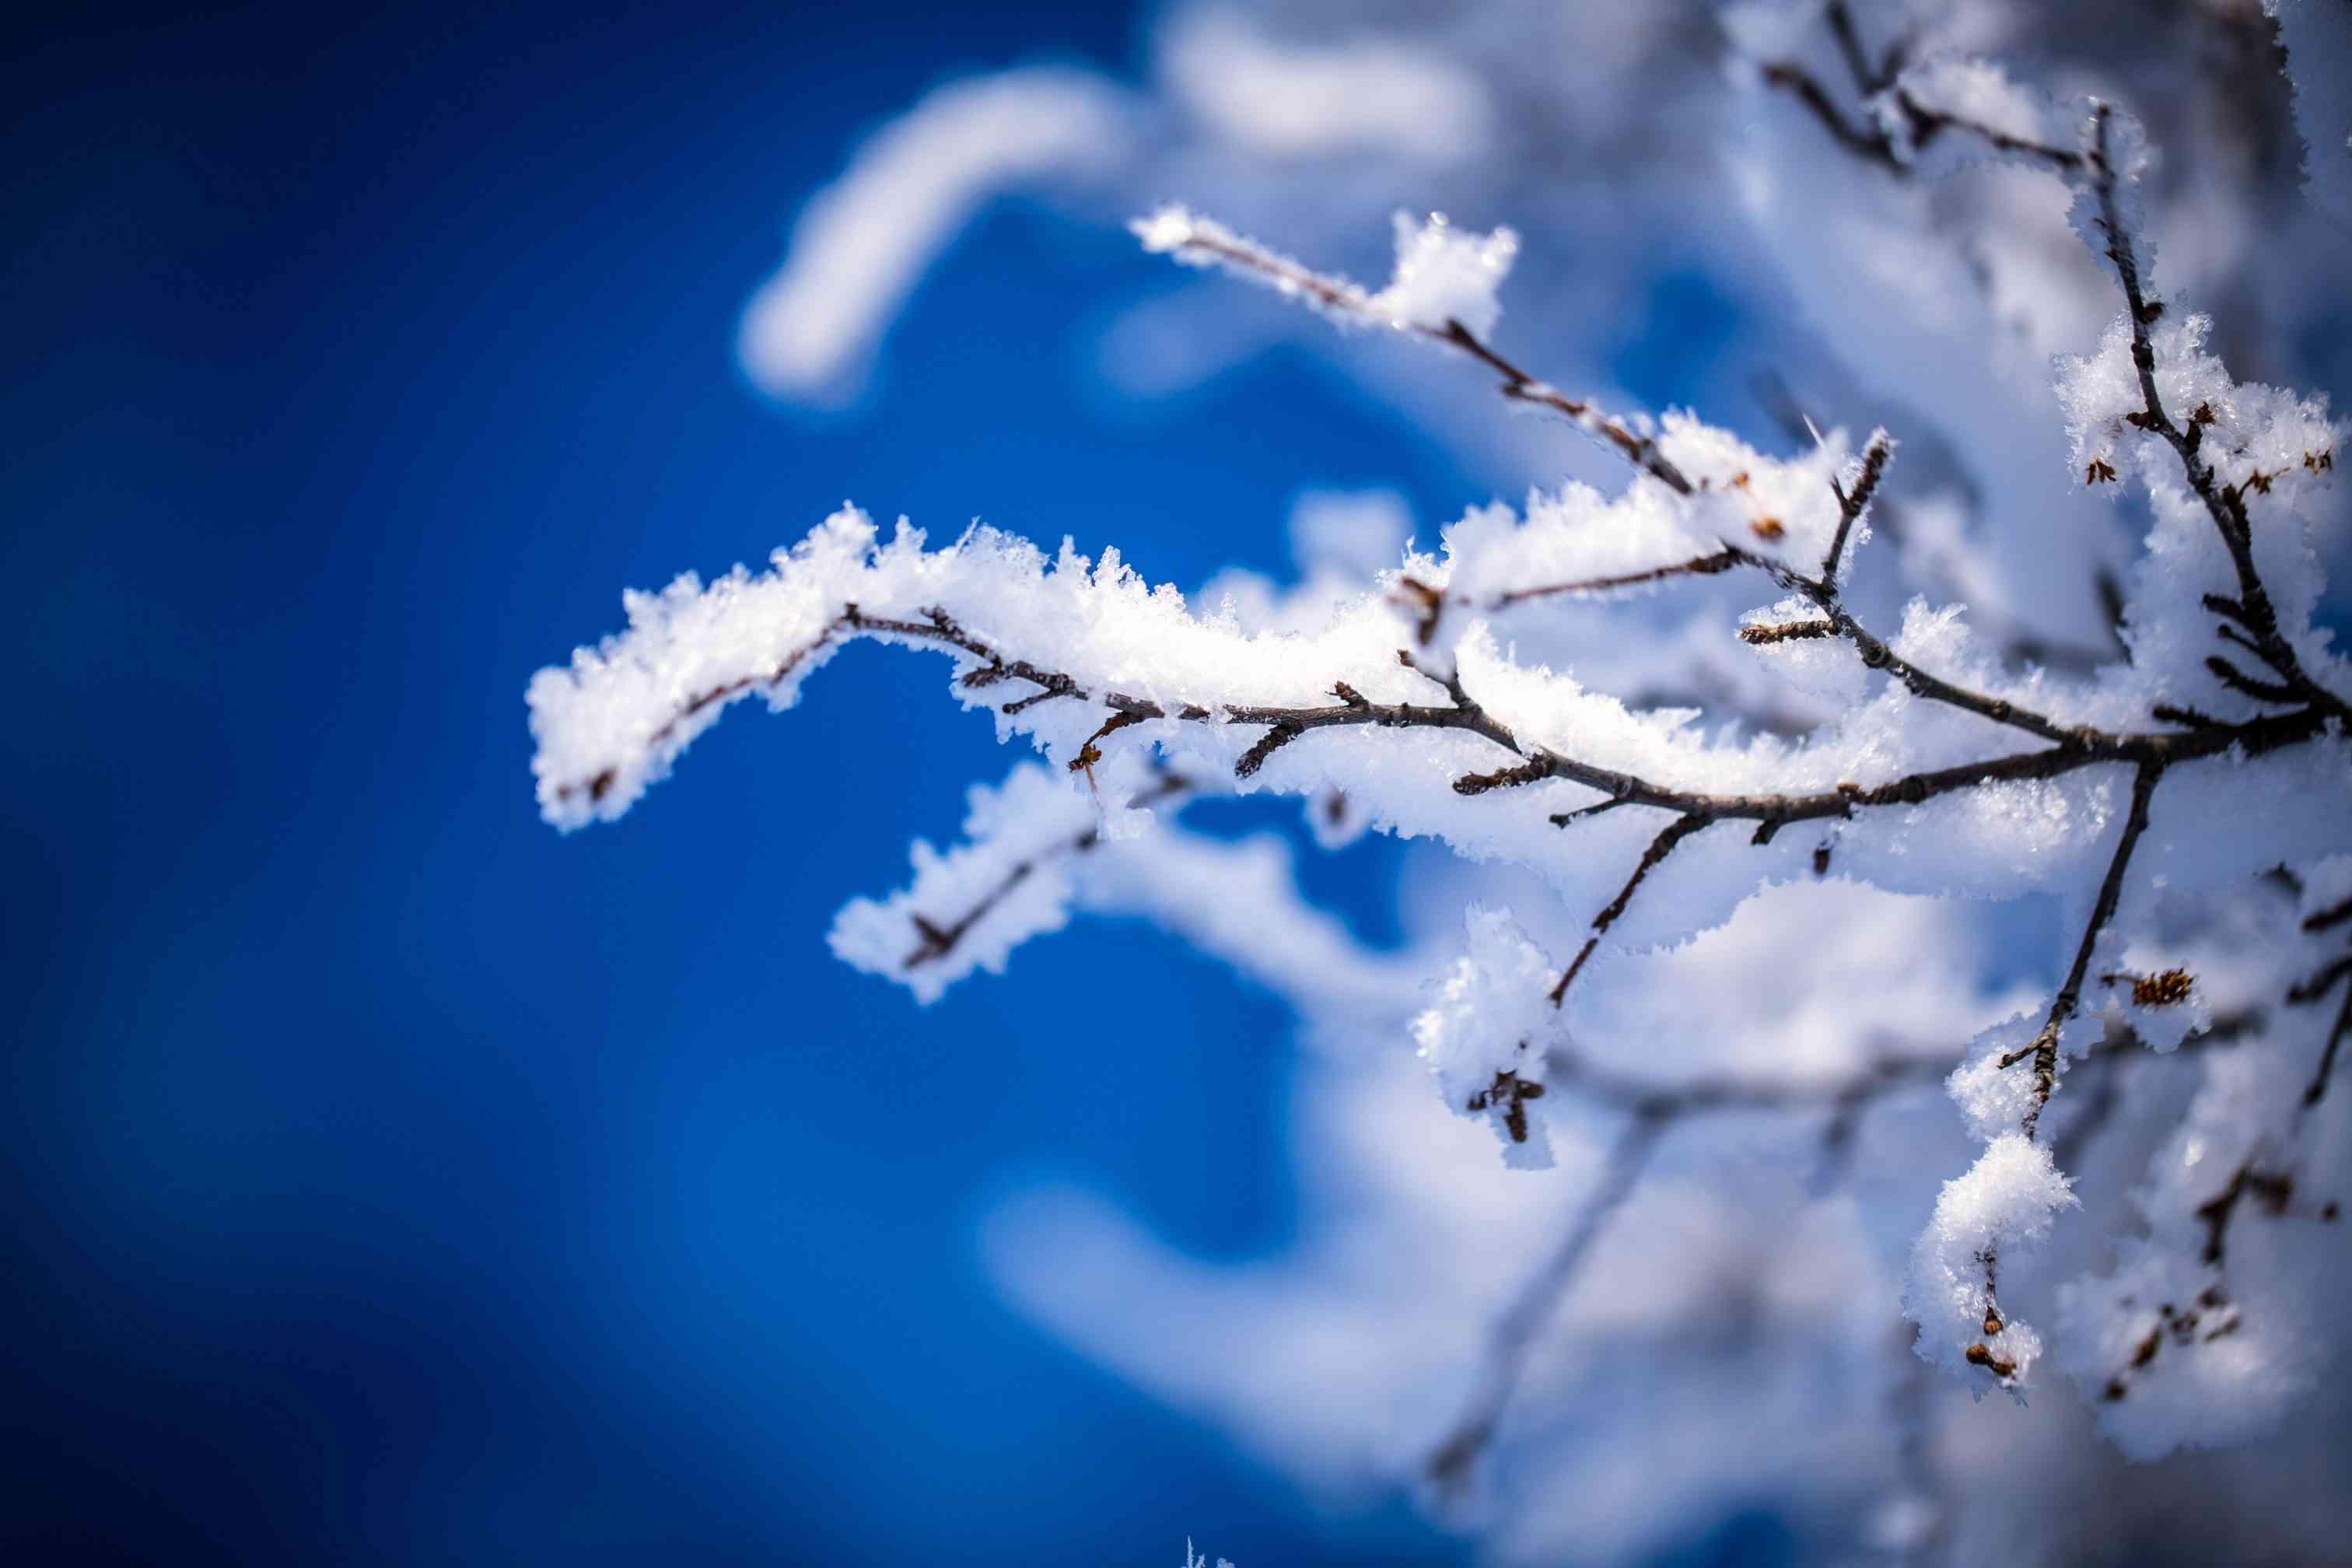 крещение. зима